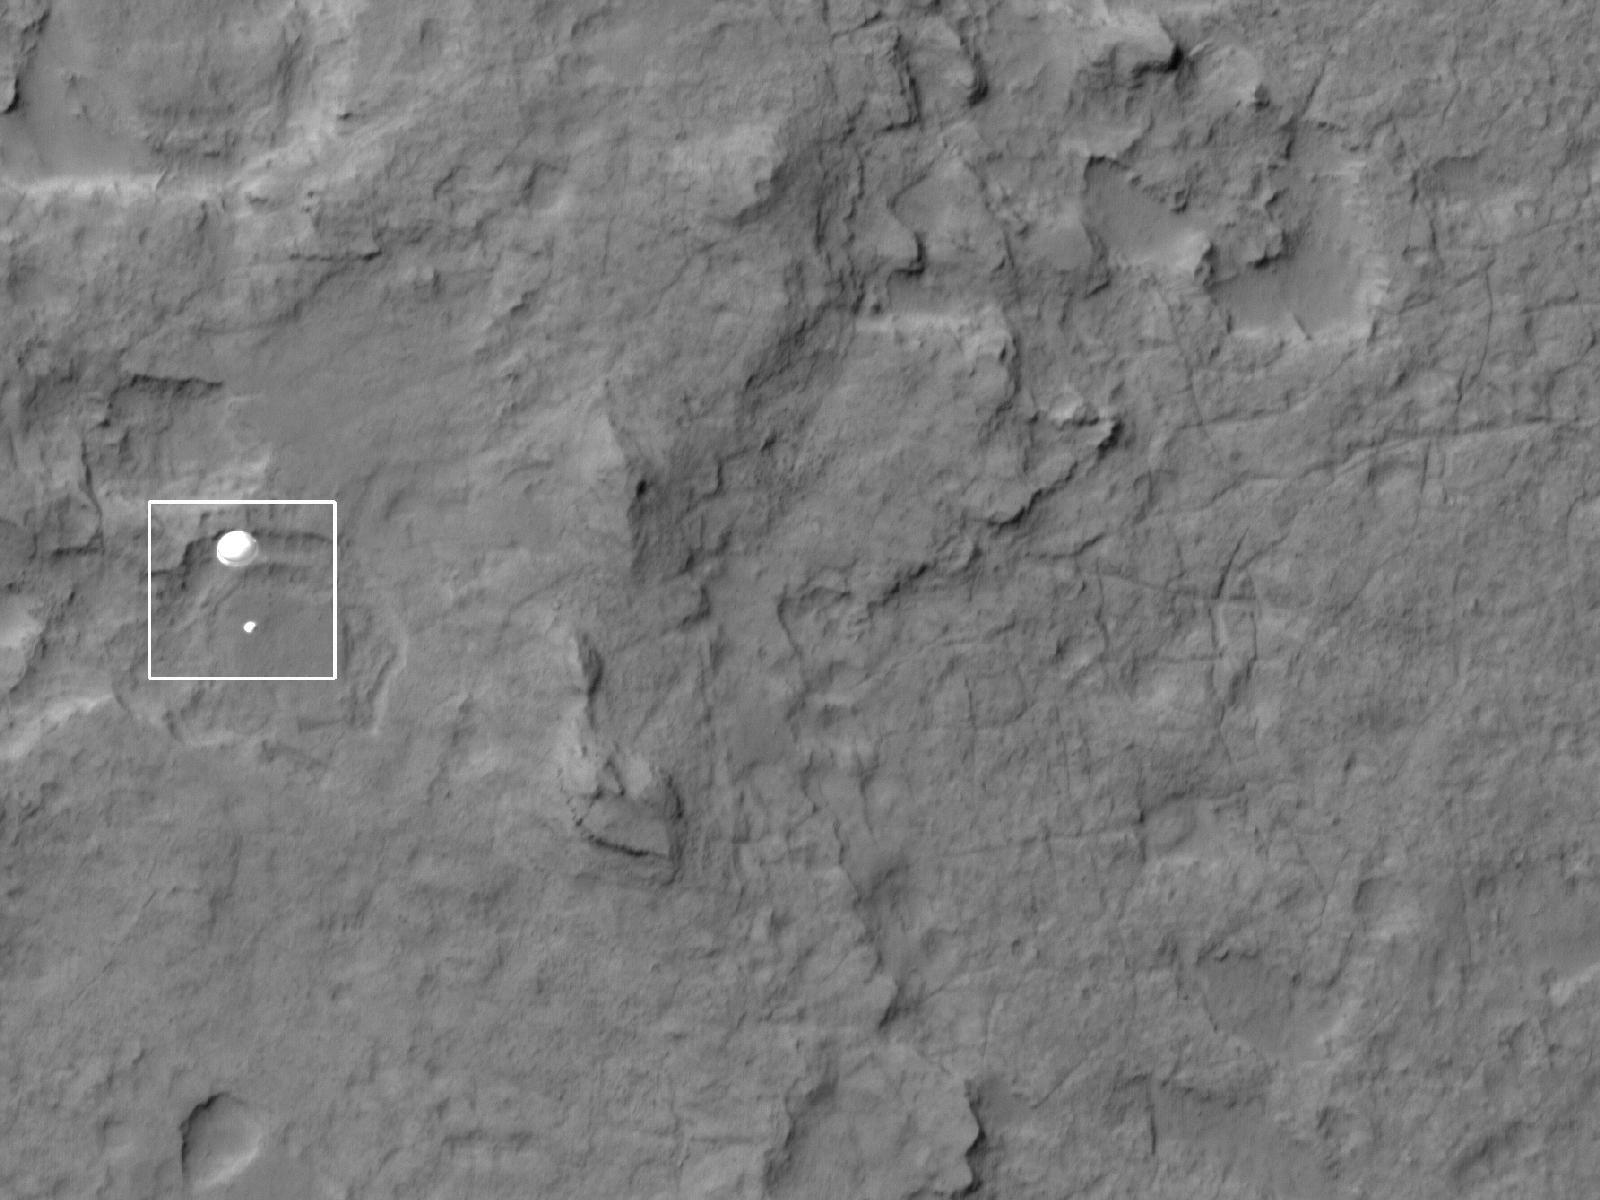 Mars Rover Curiosity Landing From Orbit